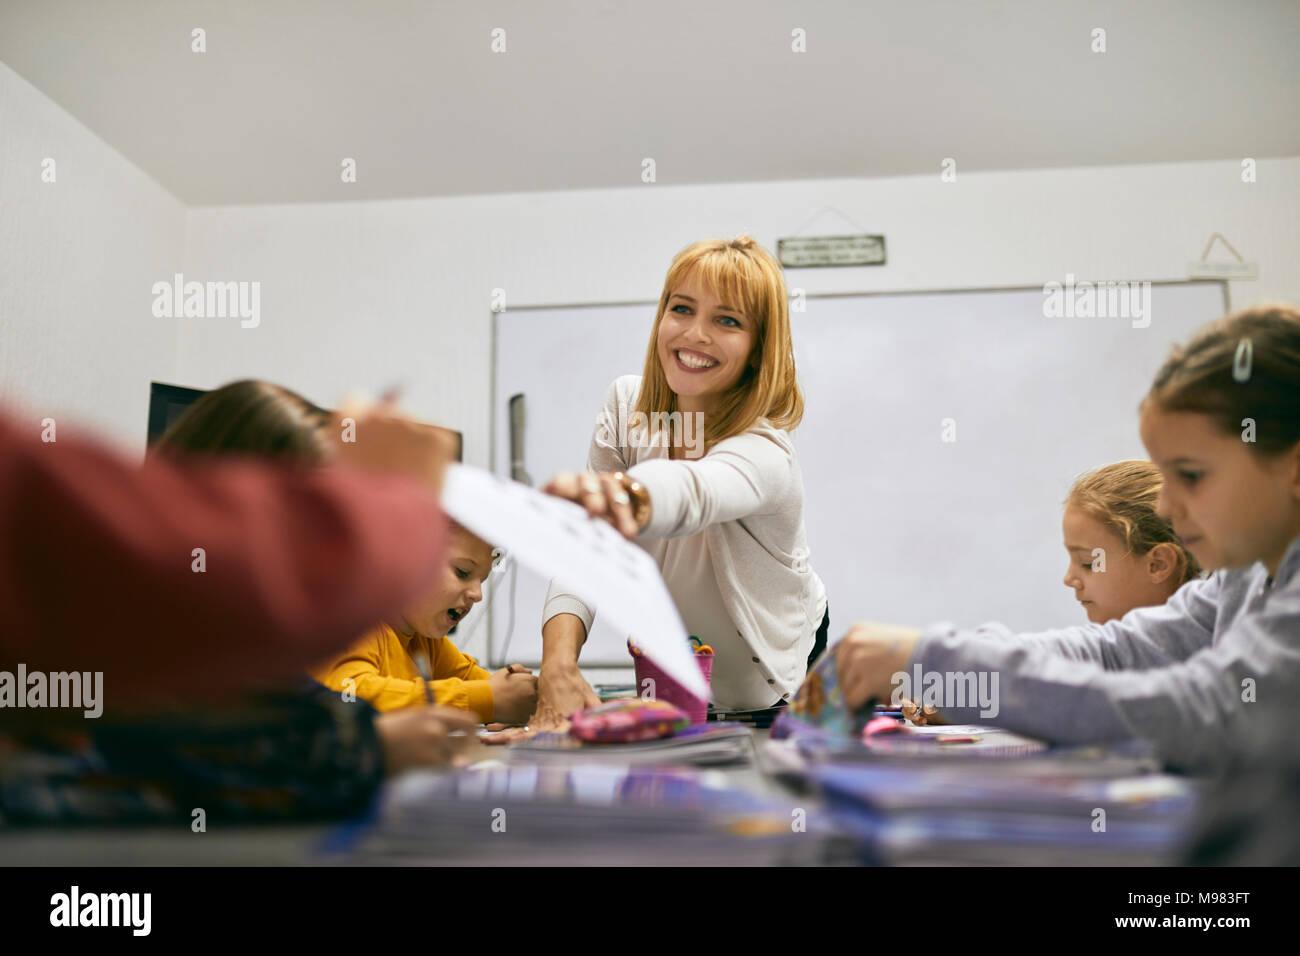 Lächelnd Lehrer Übergabe Blatt Papier an Kursteilnehmer in der Kategorie Stockbild